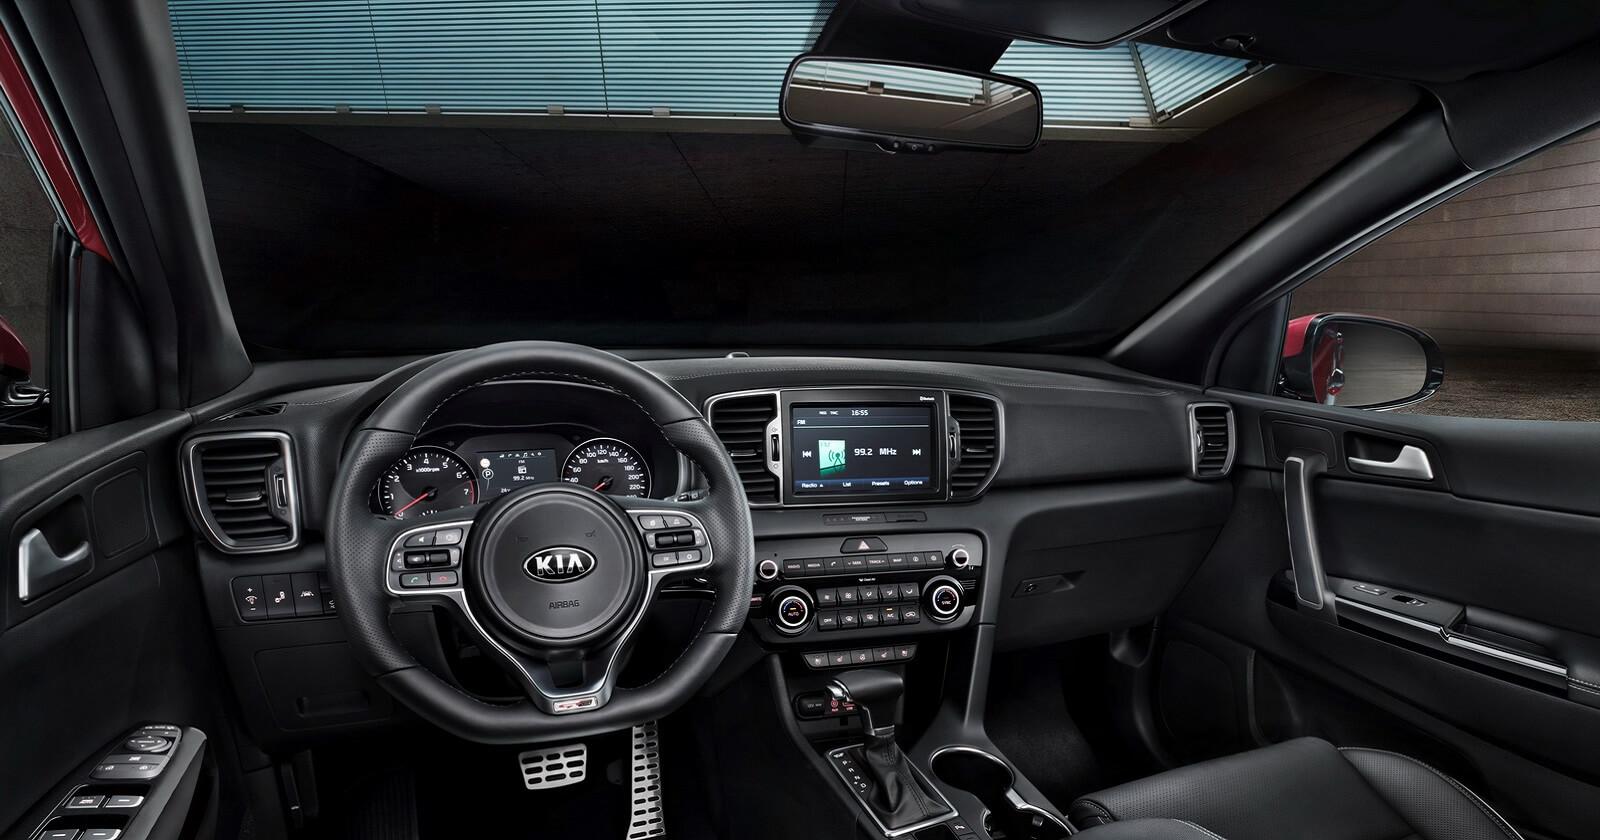 Kia 2021 sıfır araçlarda ÖTV kampanyası için son gün